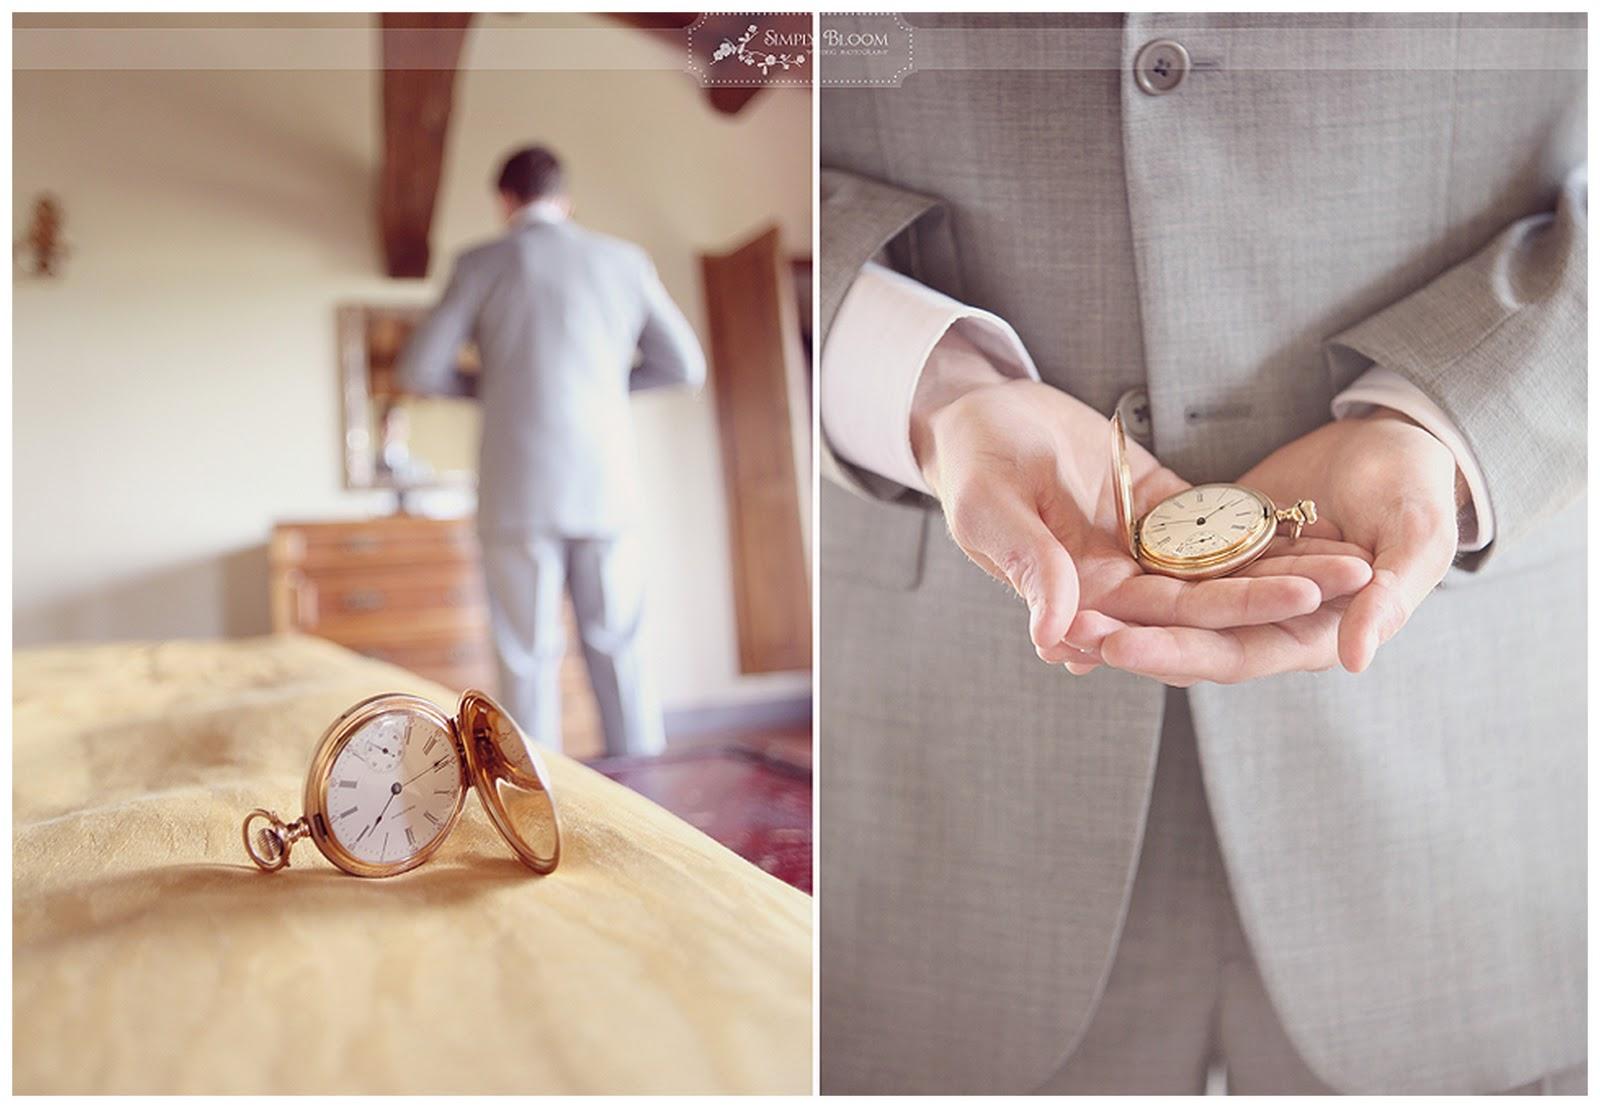 Список: что нужно на свадьбу для невесты и жениха? для свадьбы: перечень вещей и приметы с ними связанные . милая я